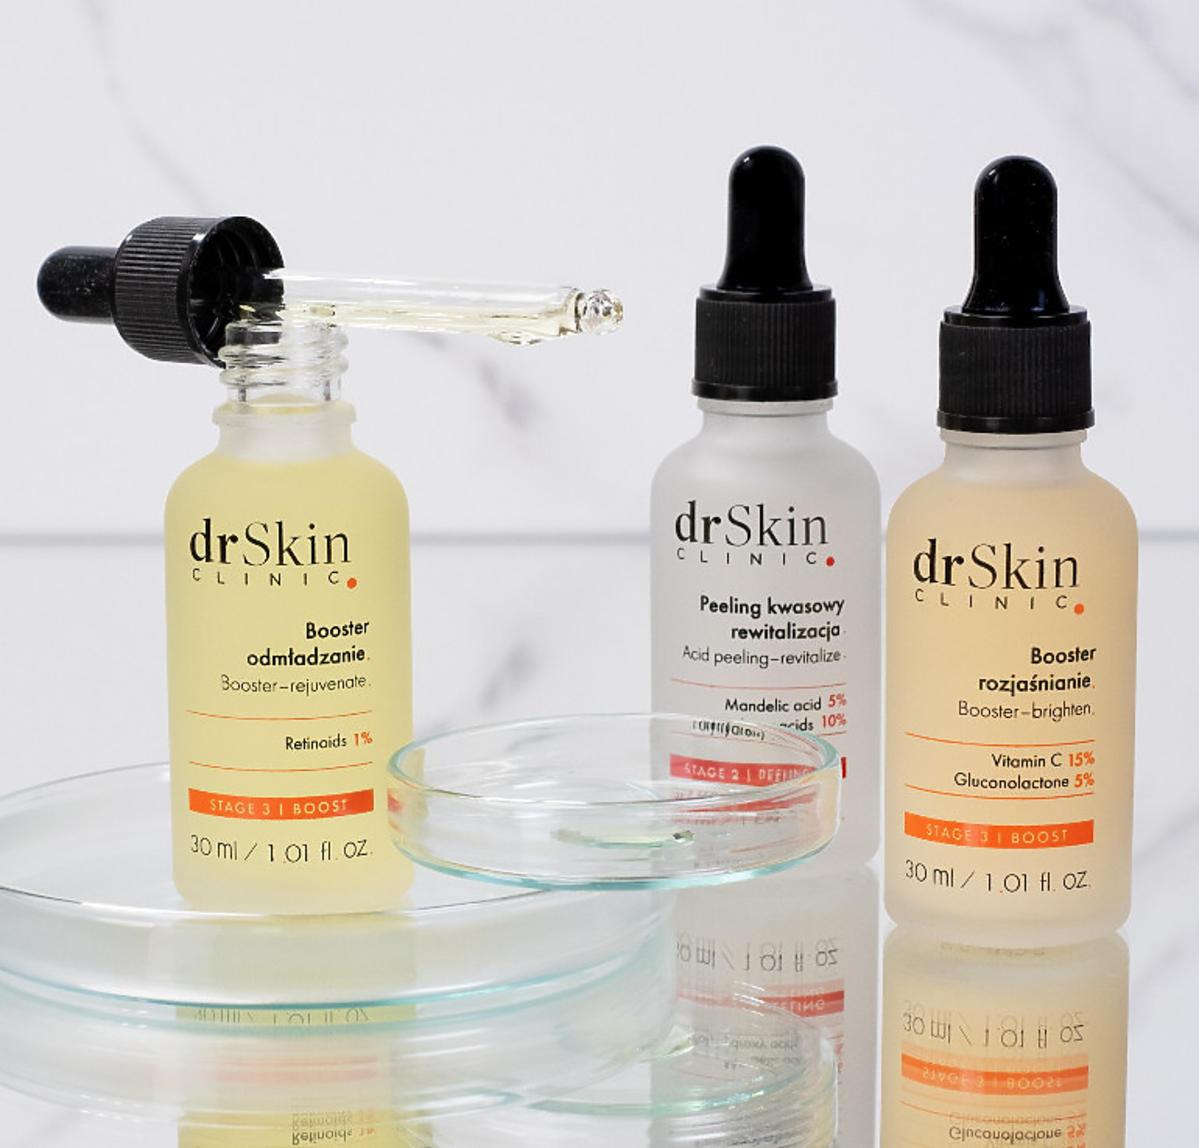 kosmetyki-dr-skin-clinic